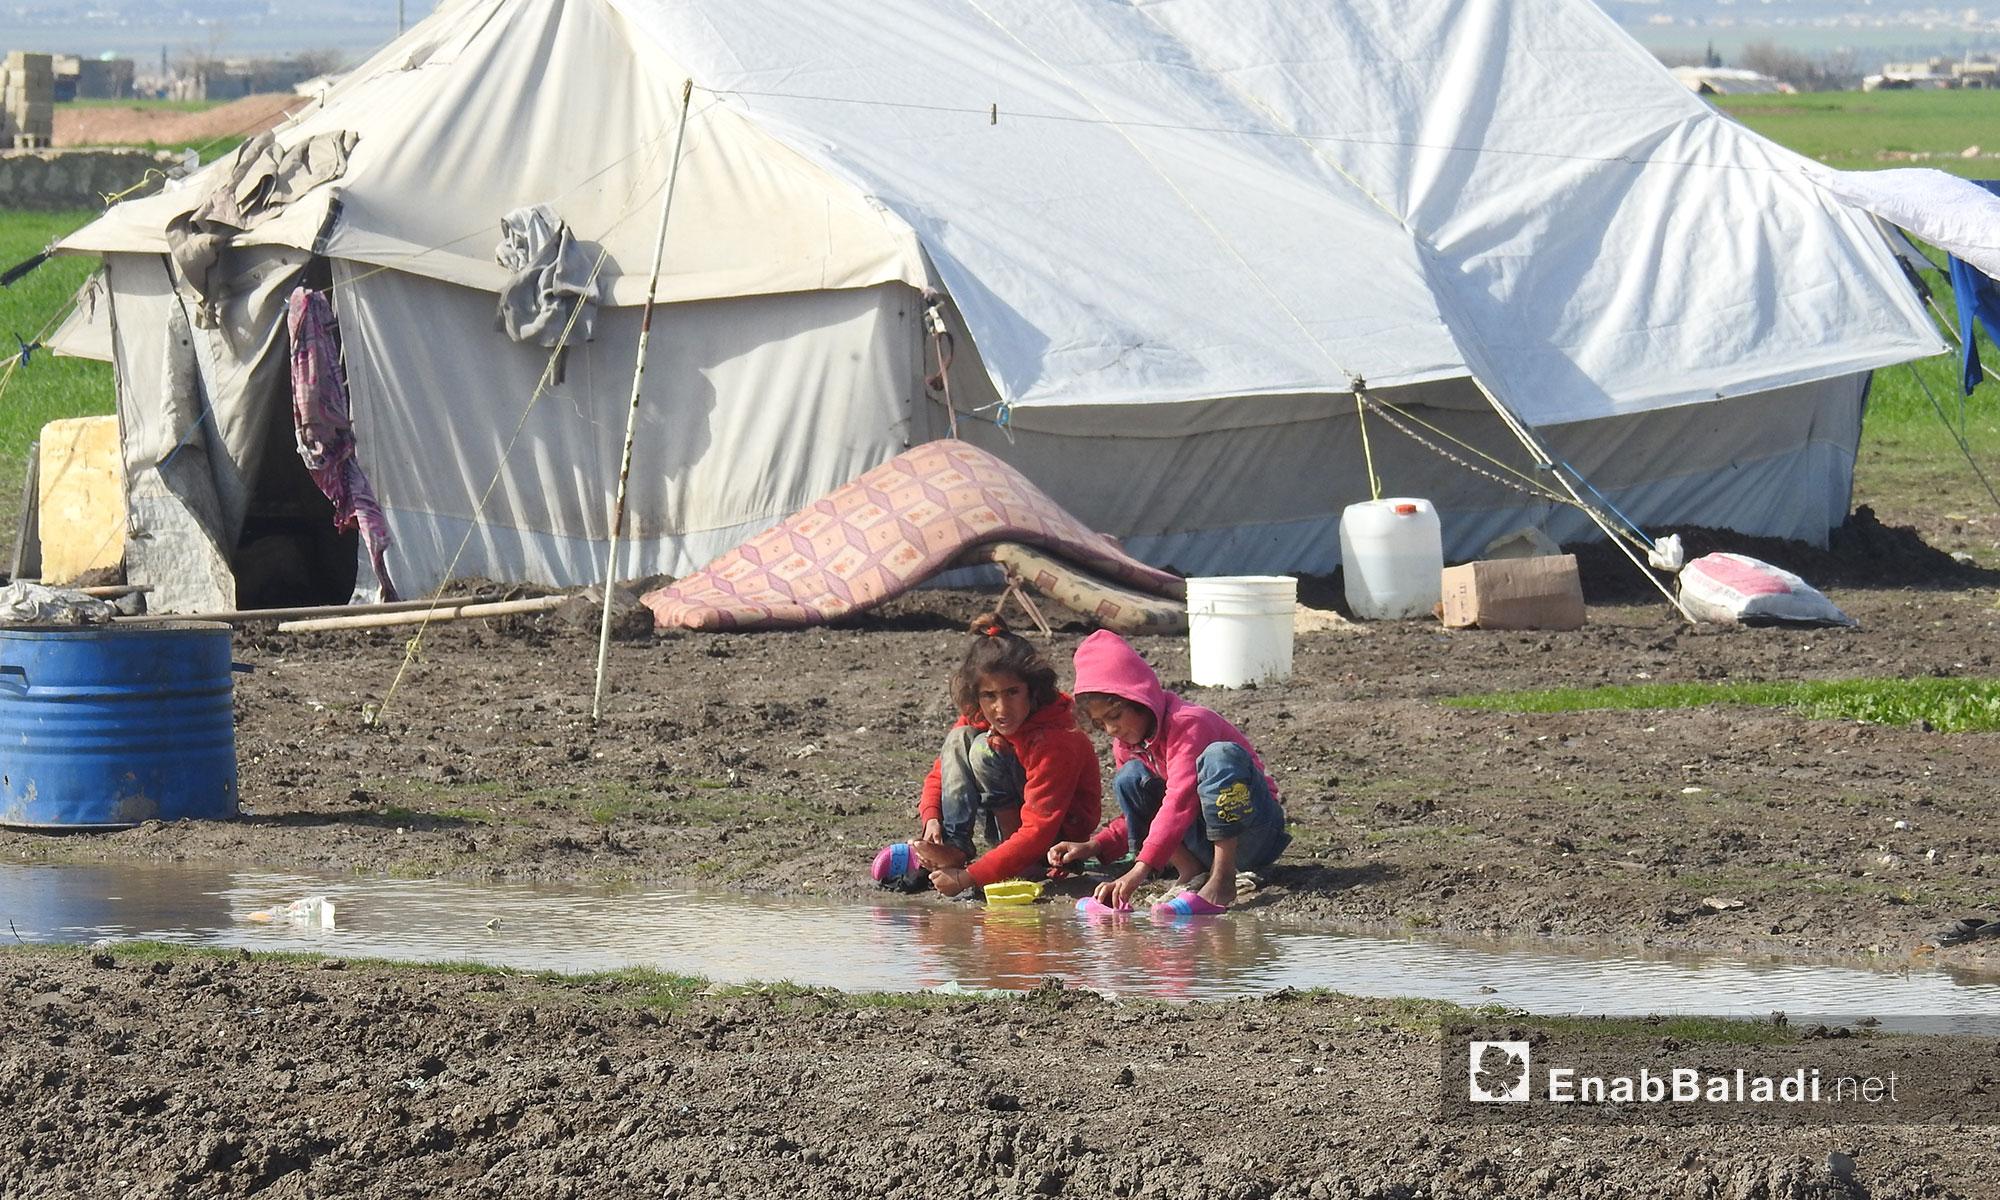 طفلتان تلعبان حول بركة مياه في مخيم المرج بريف حلب الشمالي - 19 شباط 2018 (عنب بلدي)